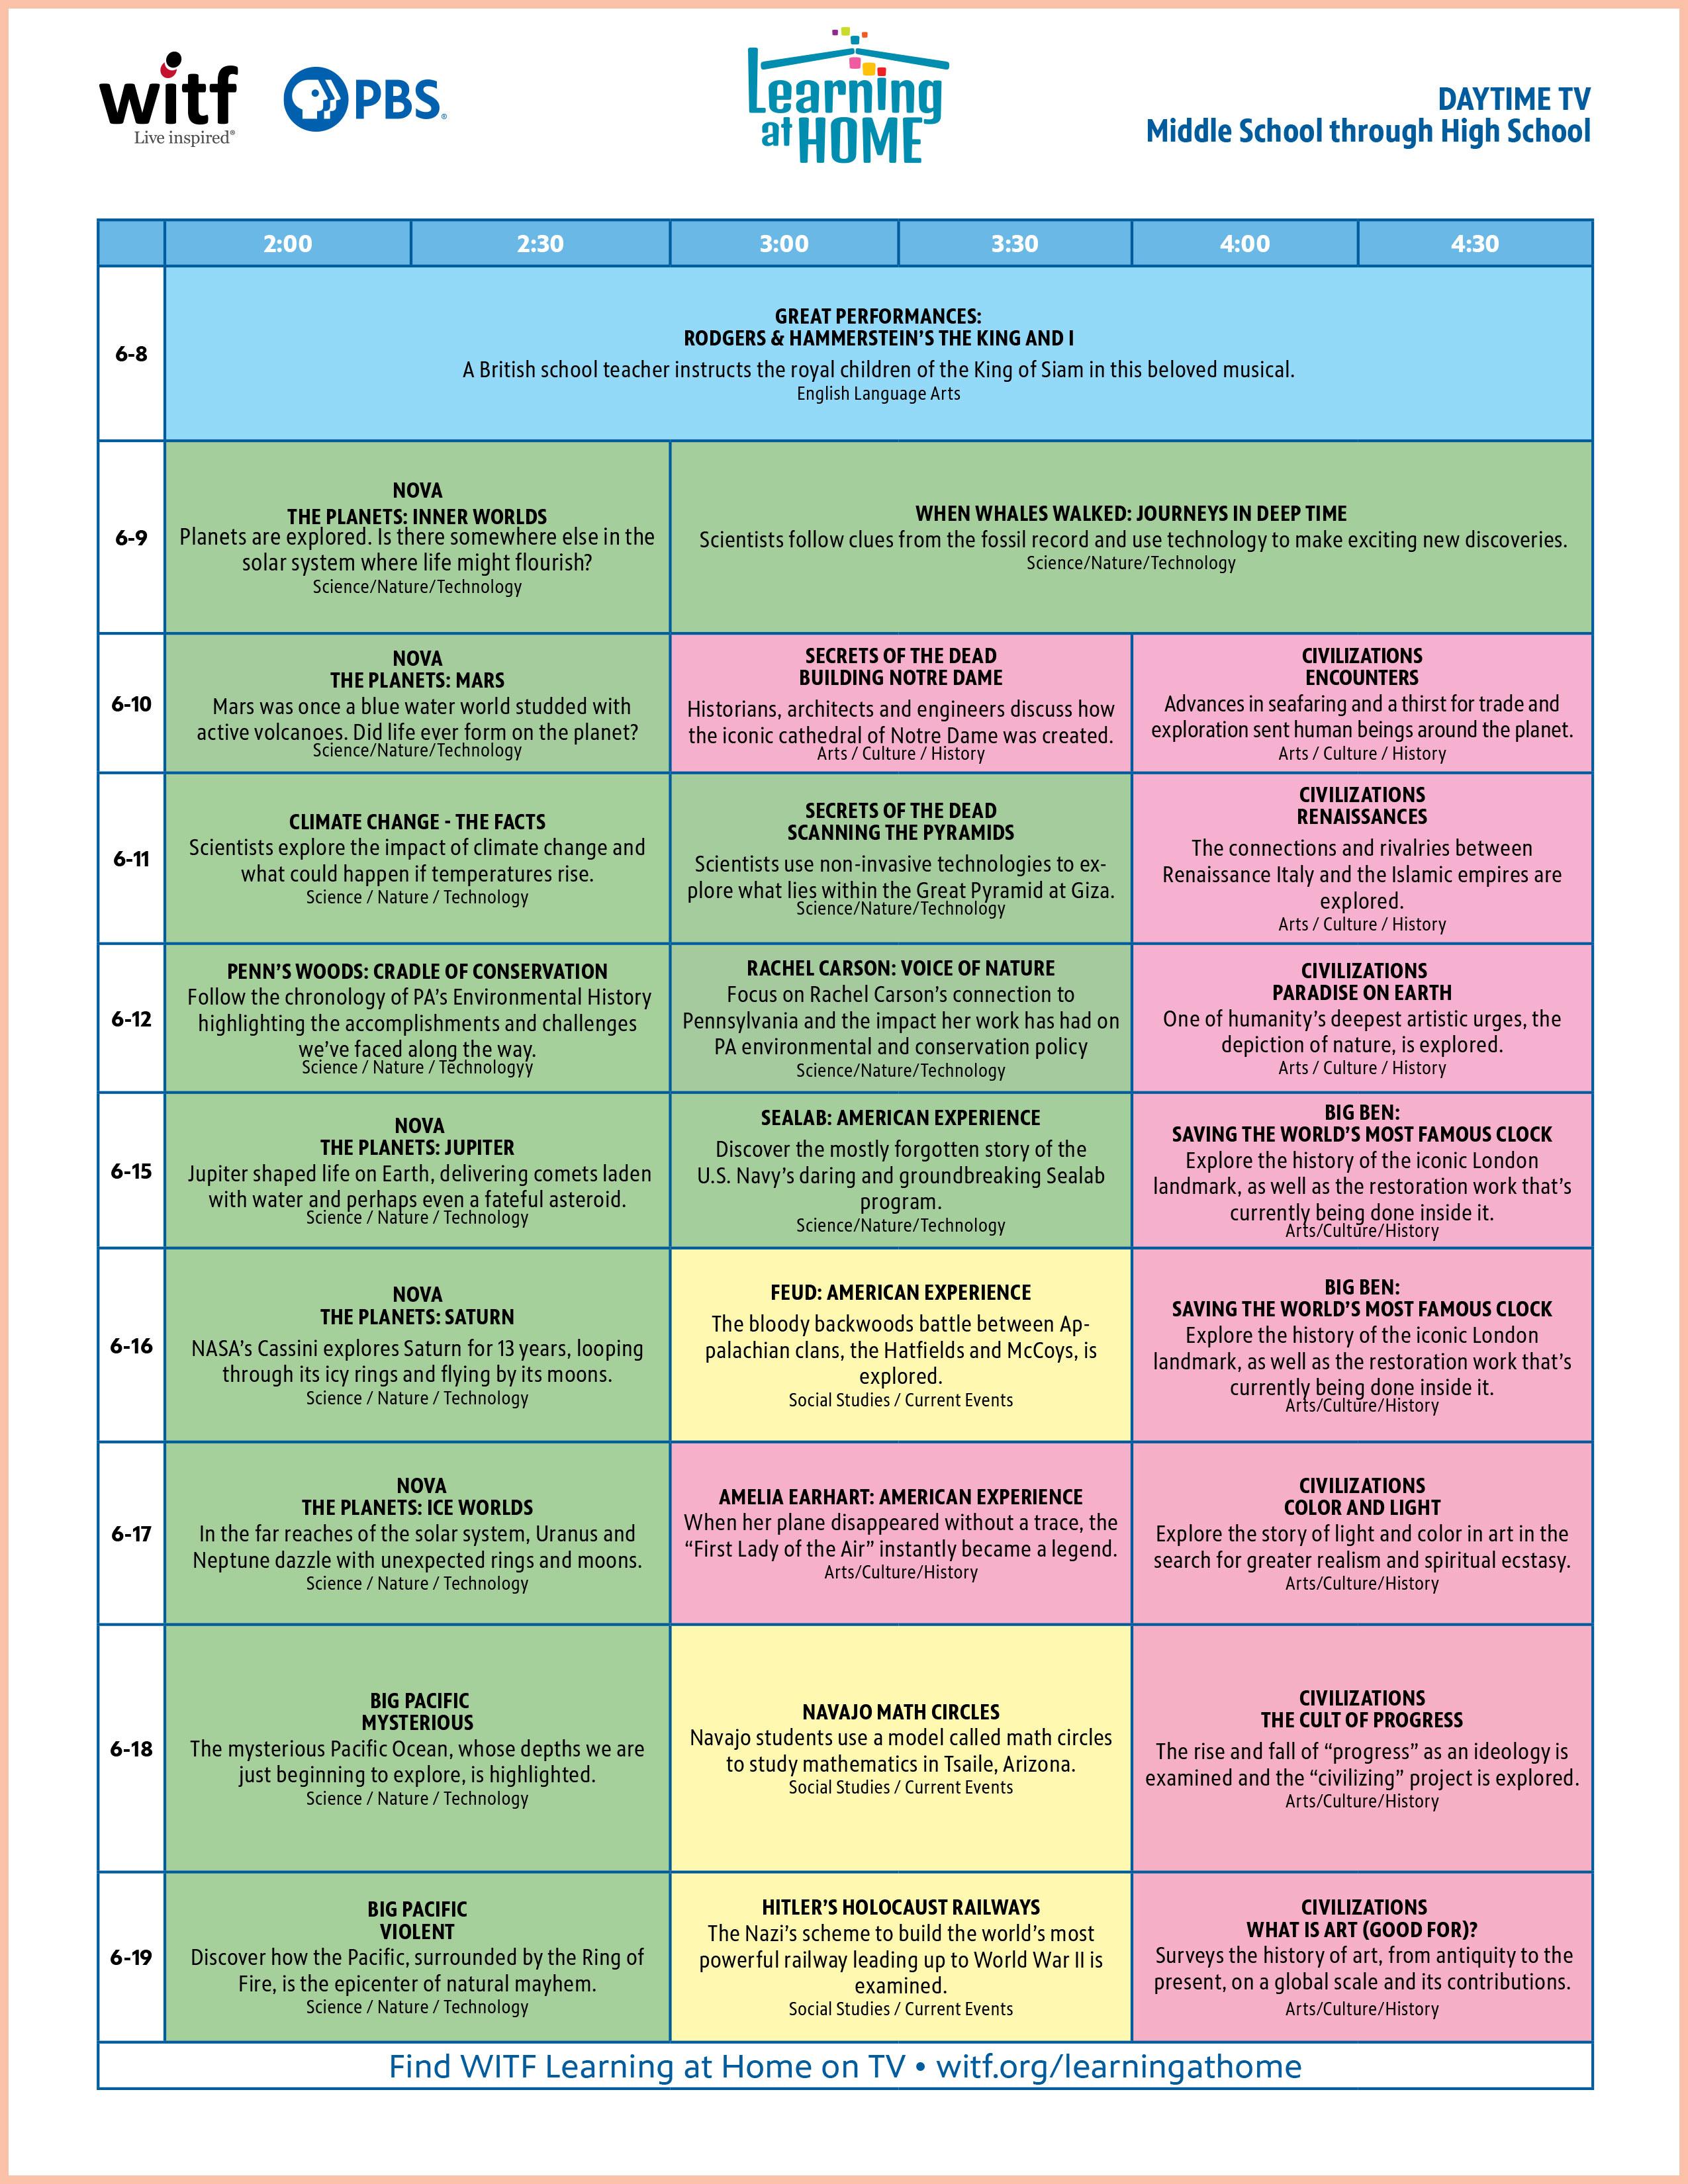 Daytime Middle School through High School Schedule